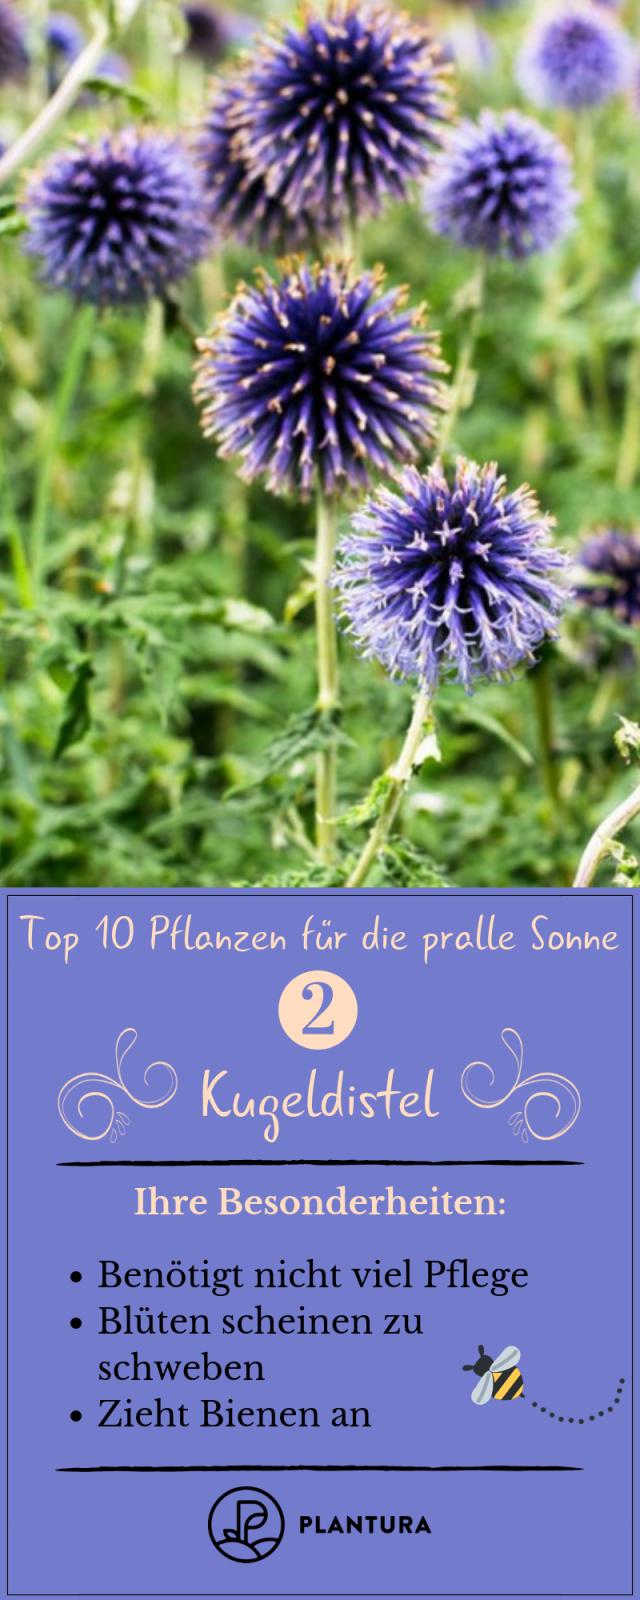 Pflanzen Für Die Pralle Sonne Die Top 10 Für Garten  Balkon von Balkonpflanzen Für Pralle Sonne Bild